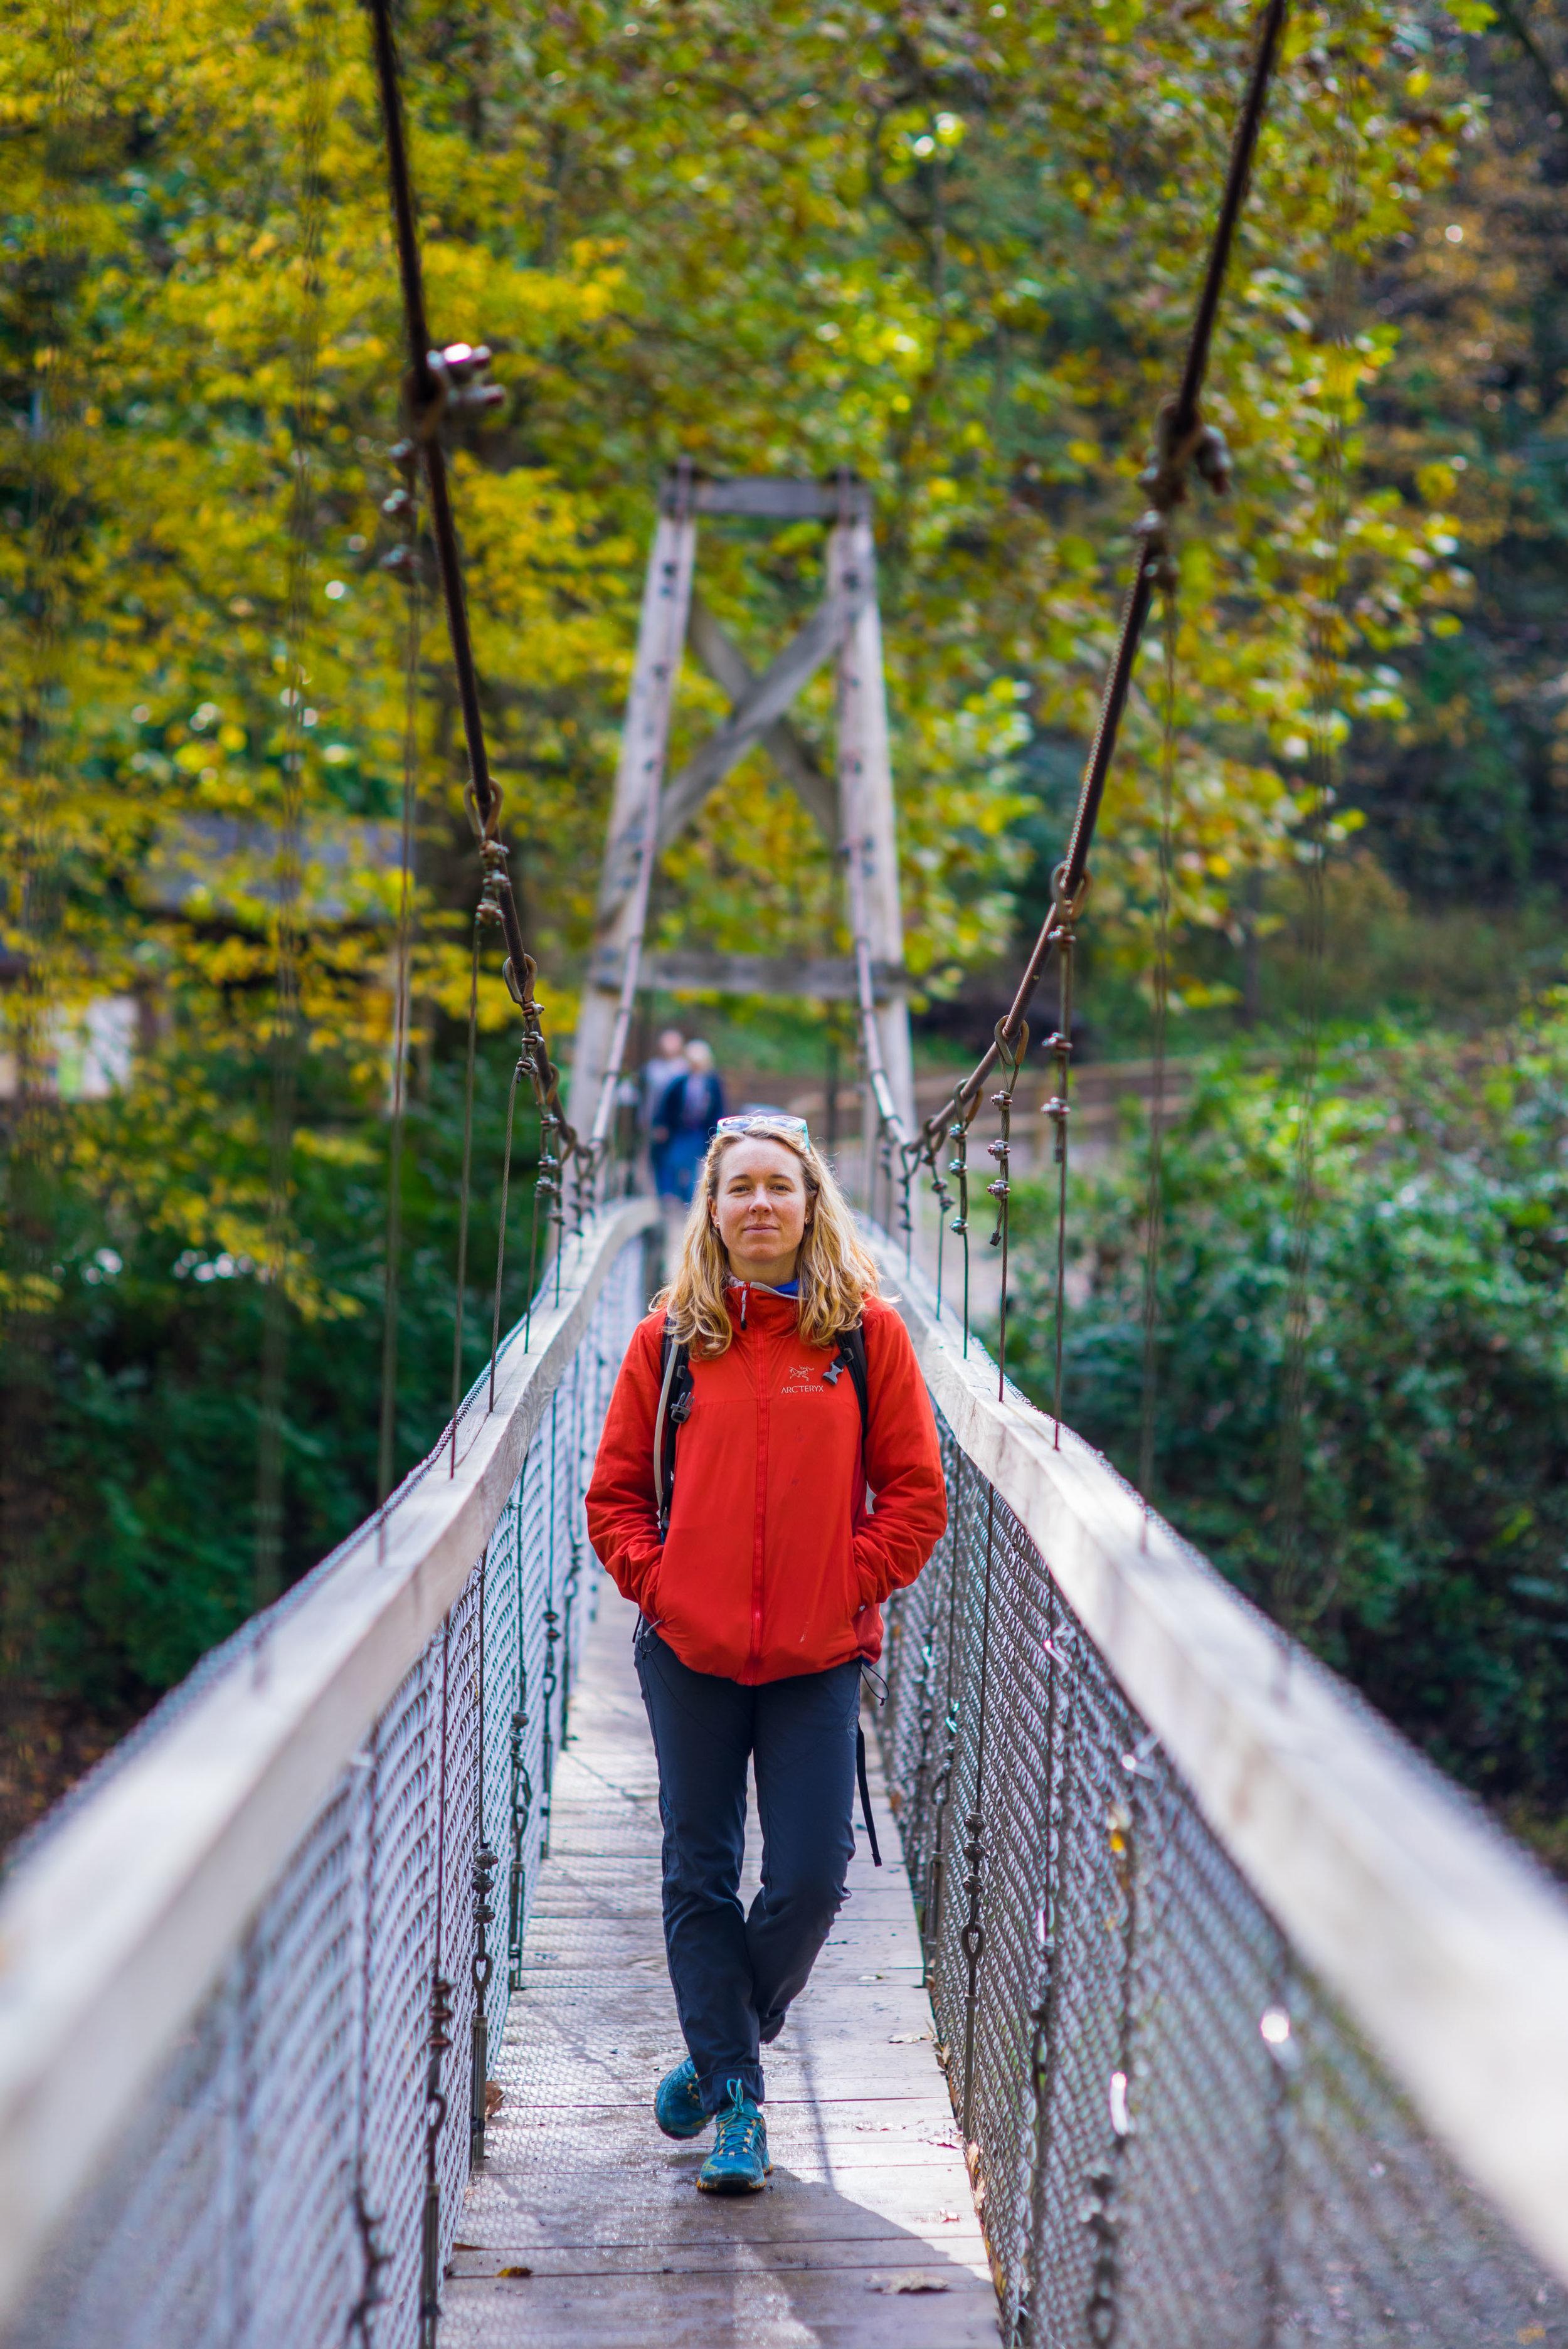 The bridge to the Natural Bridge hike